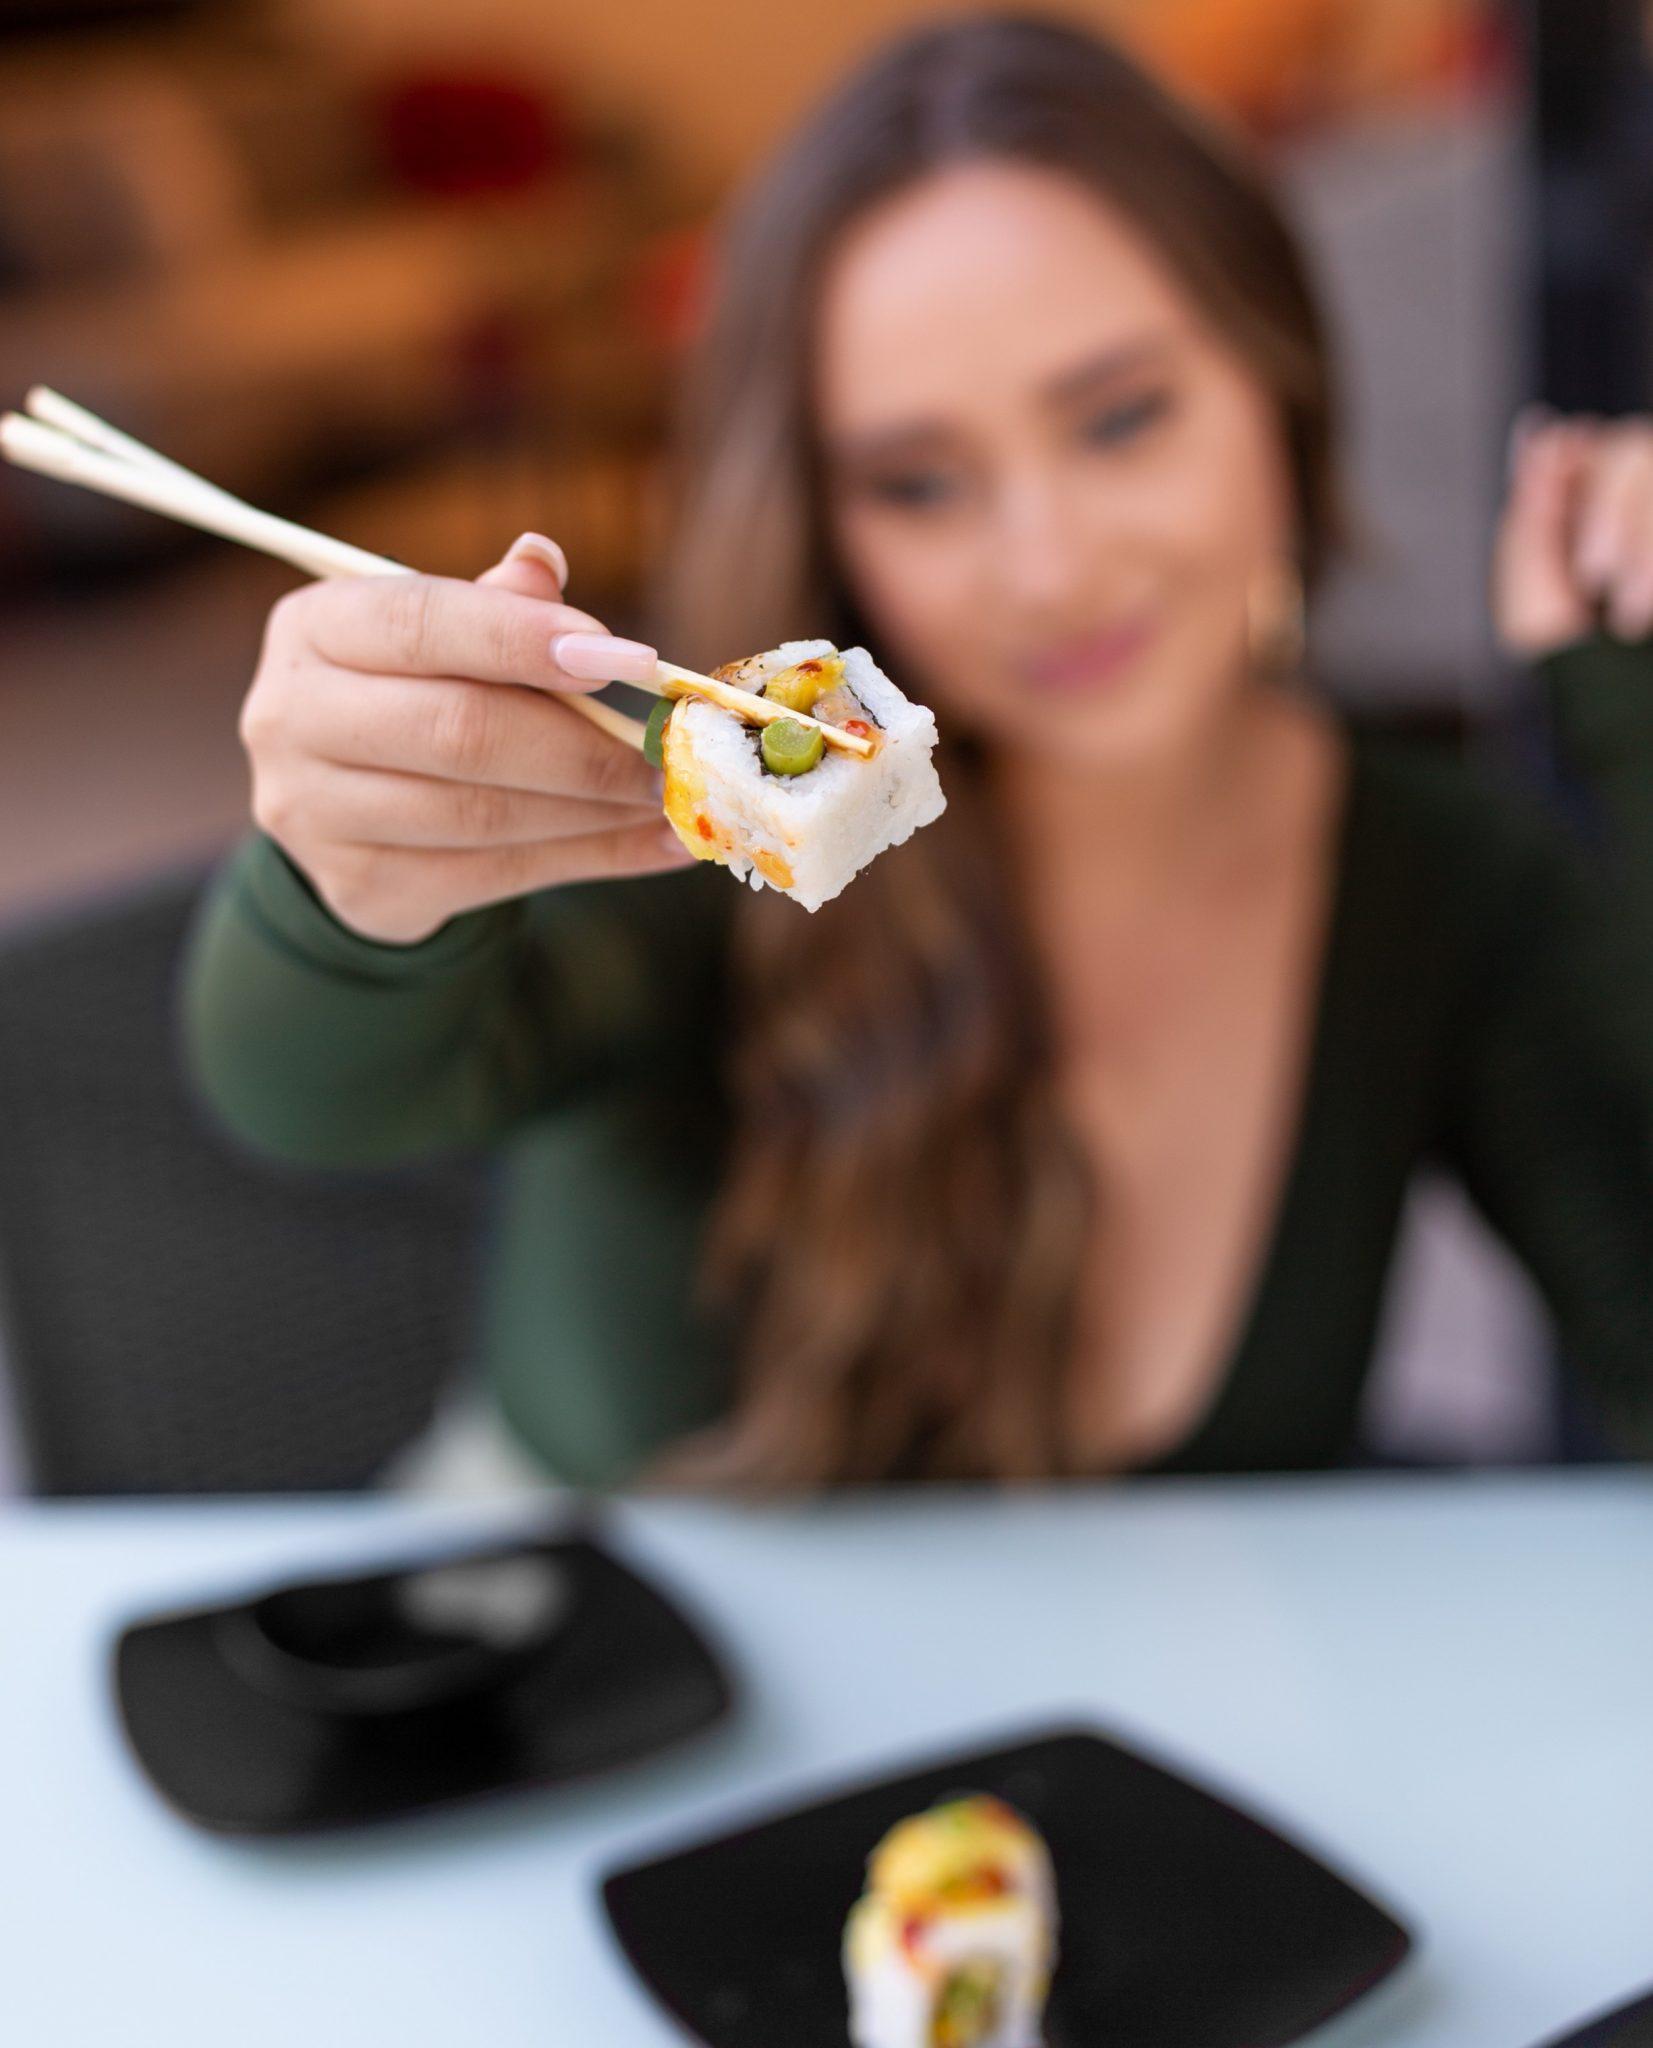 Japanese/Peruvian fusion-style sushi at Maaya, Eye Bar, Loop Street at Vïb Hotel Cape Town. Photo by Jason Read.